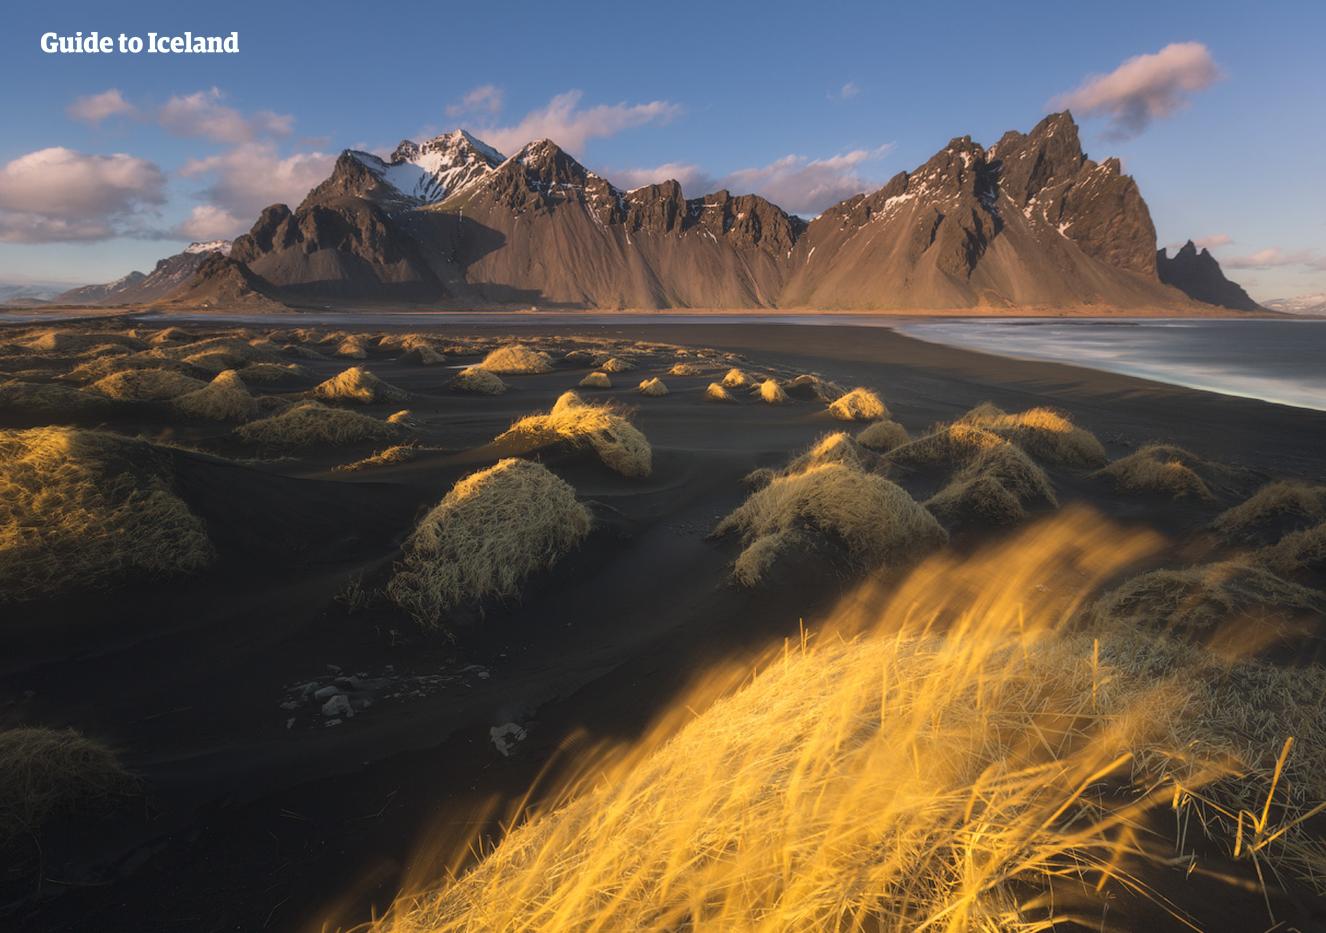 西角山是瓦特纳冰川国家公园旁的小众景点